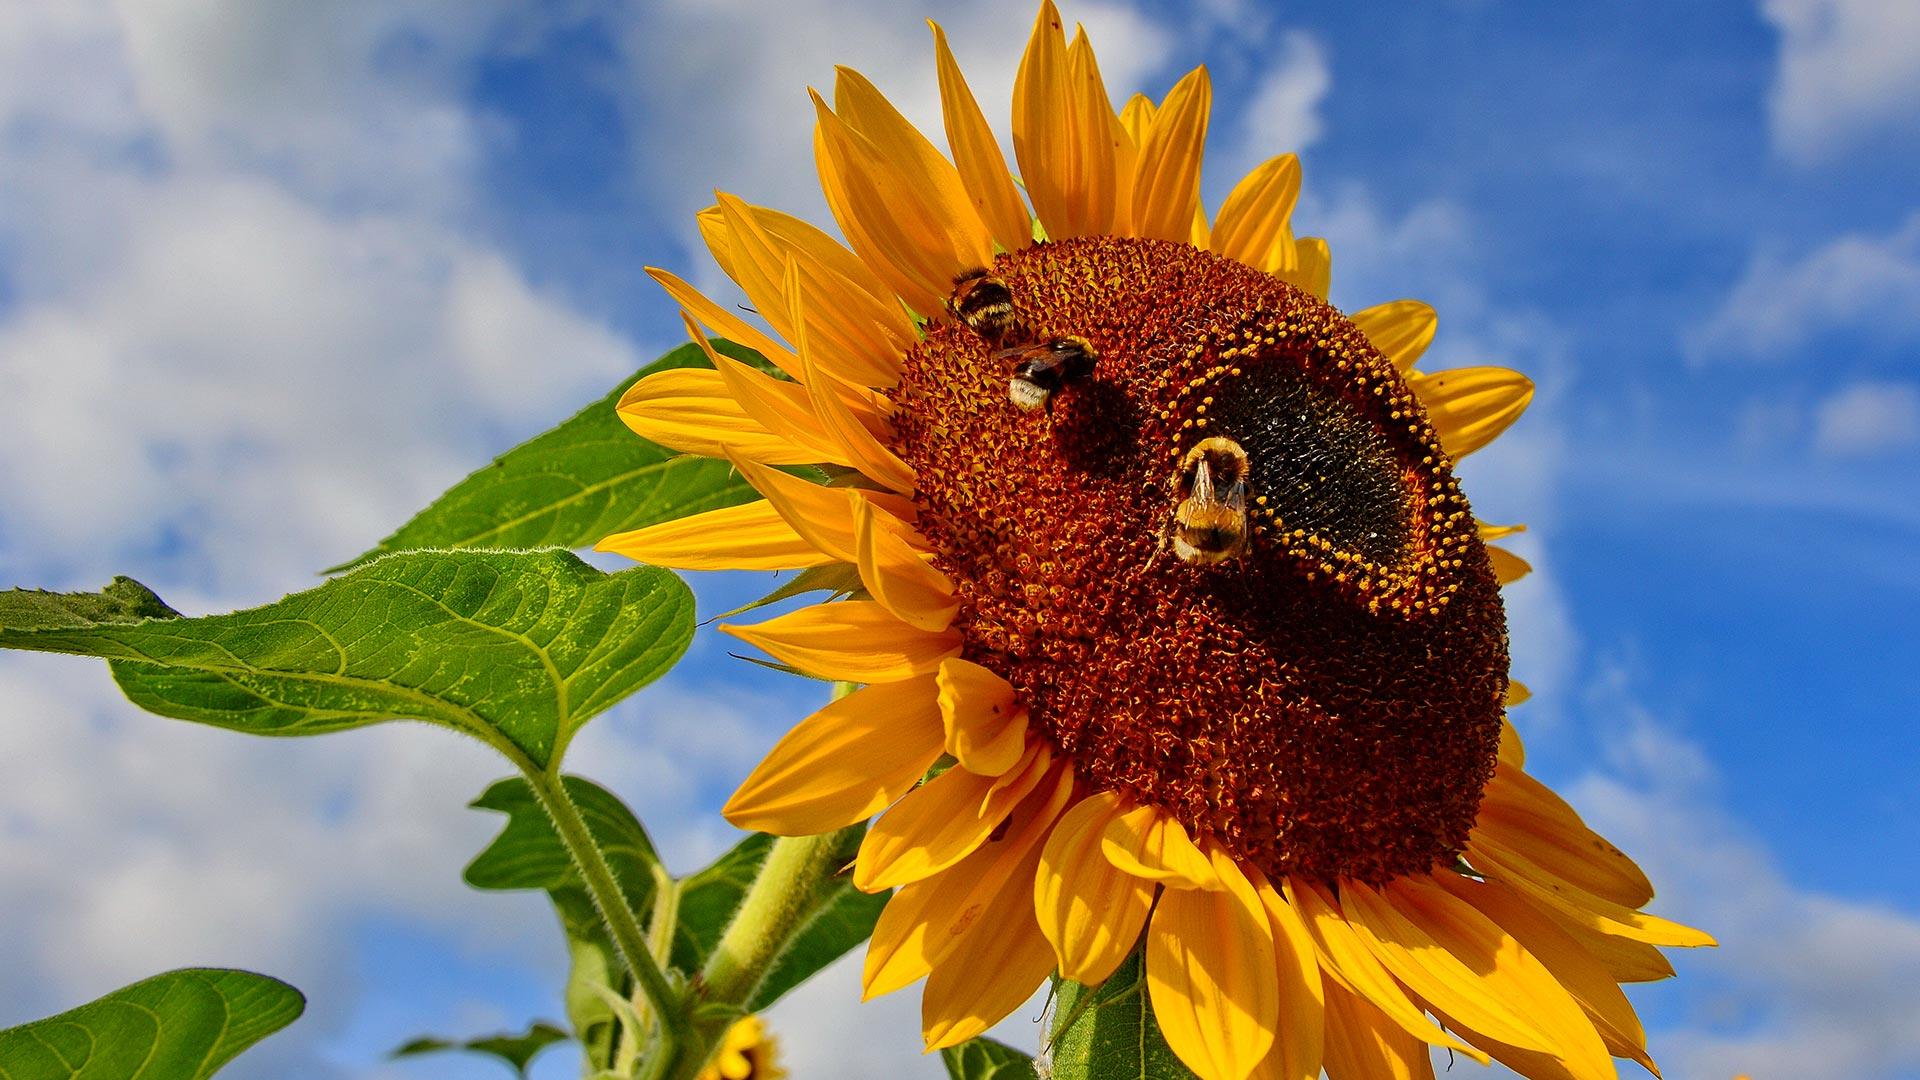 Пчела на подсолнухе  № 657729 бесплатно